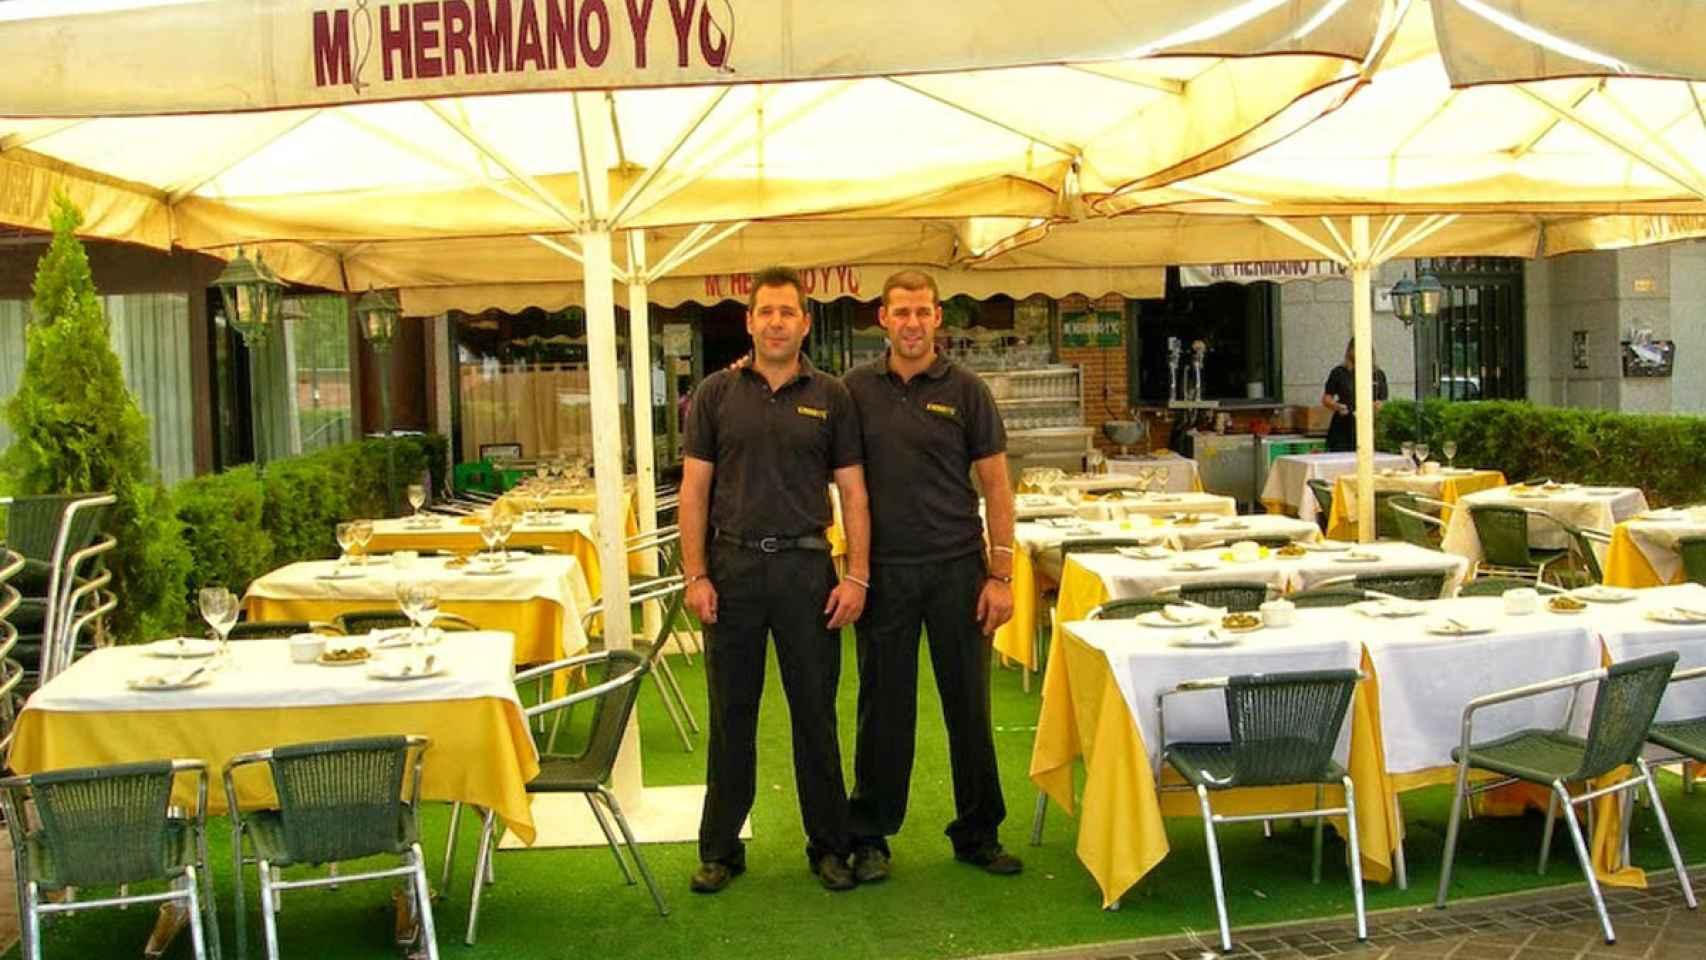 Los hermanos Raúl y Joaquín en la terraza de su restaurante.